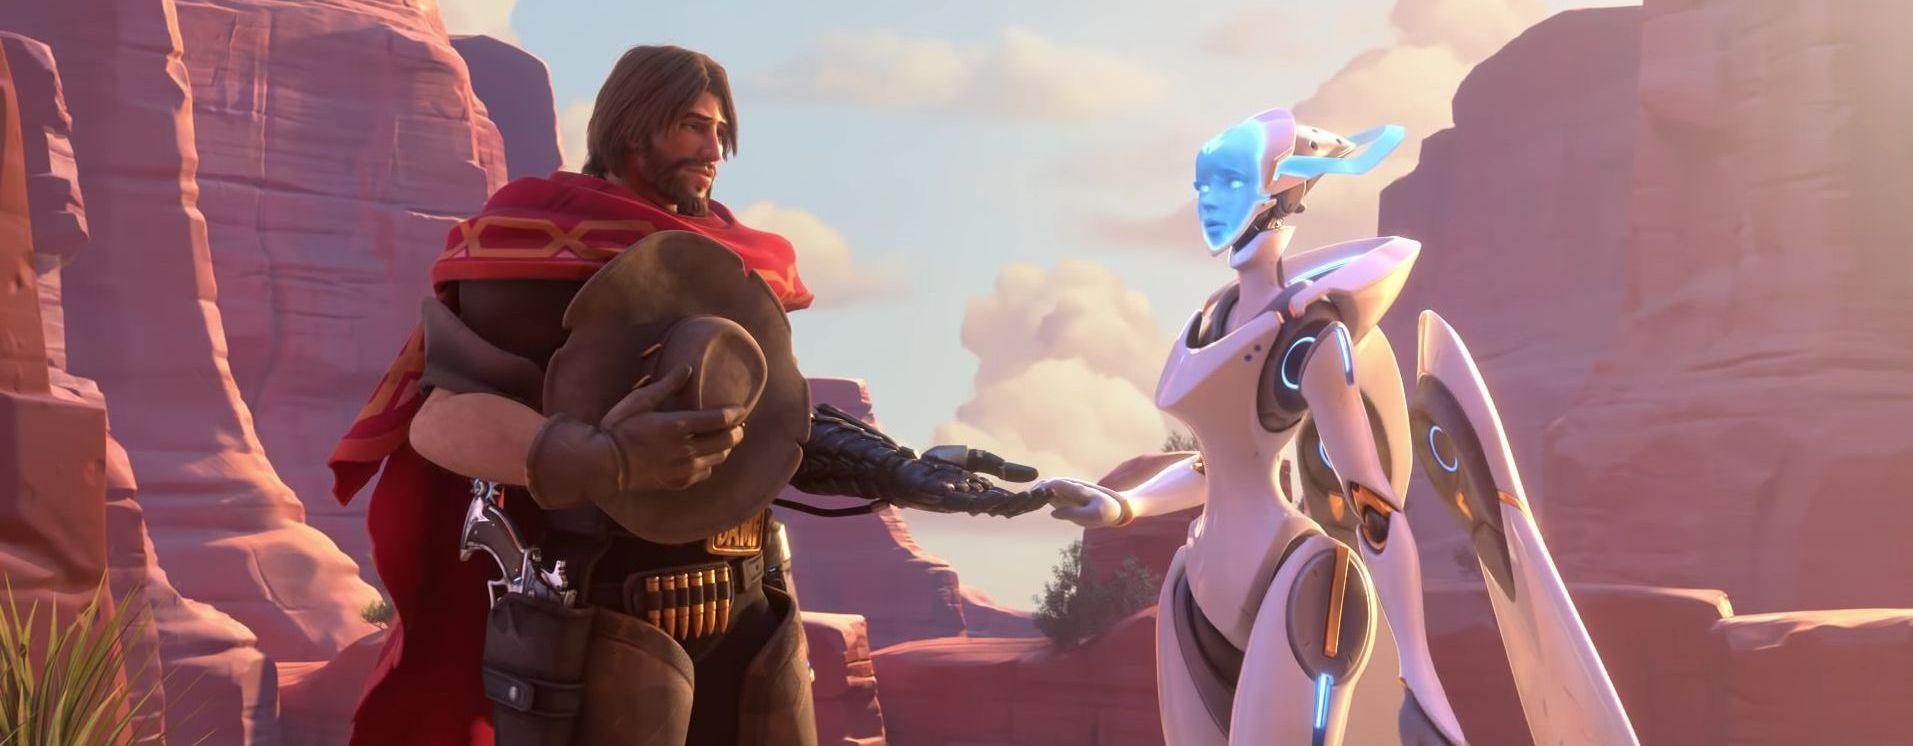 Overwatch bekommt 6 neue Helden, einen kennen wir schon